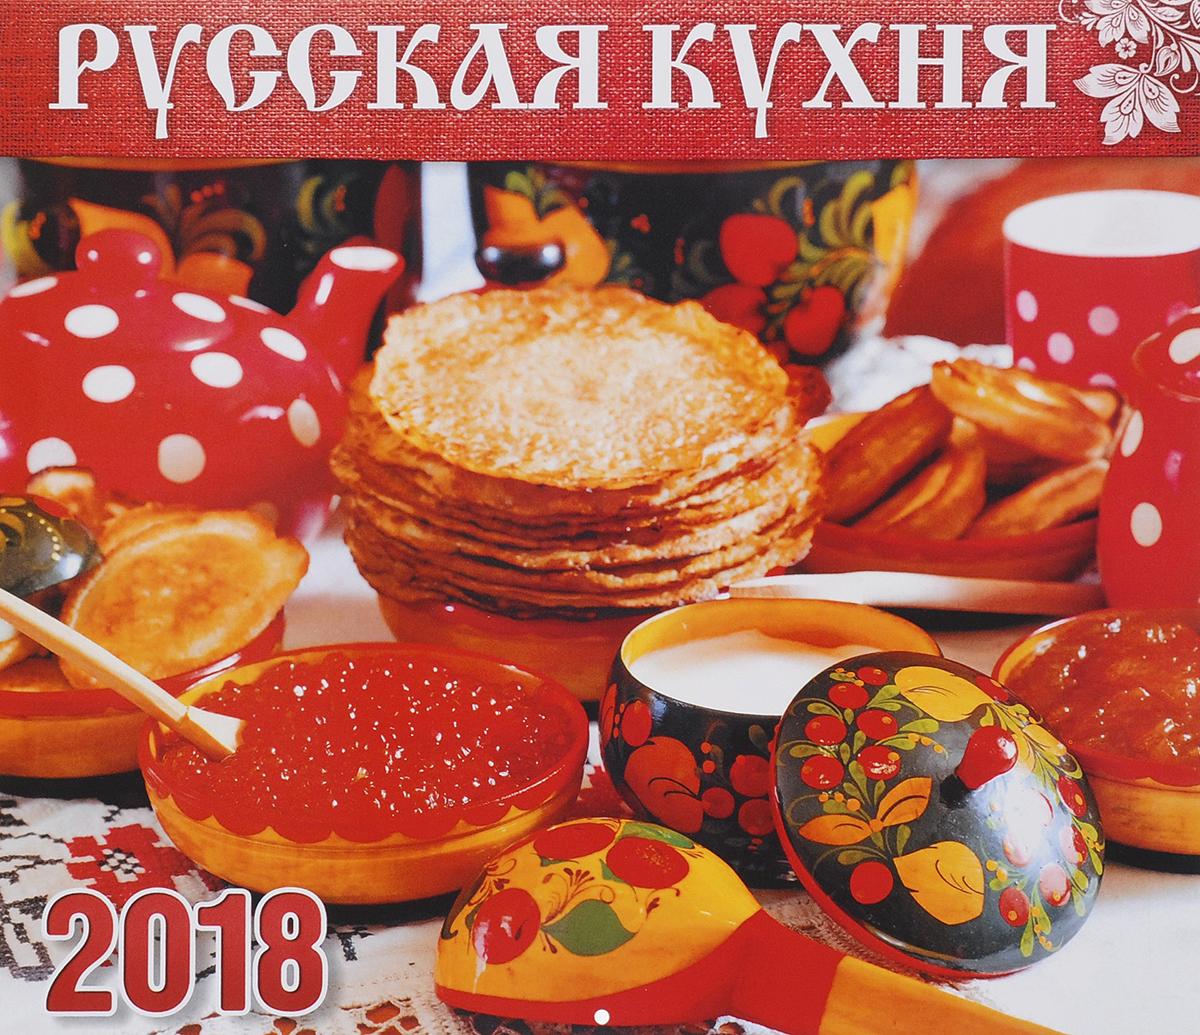 Календарь на 2018 год (на скрепке). Русская кухня